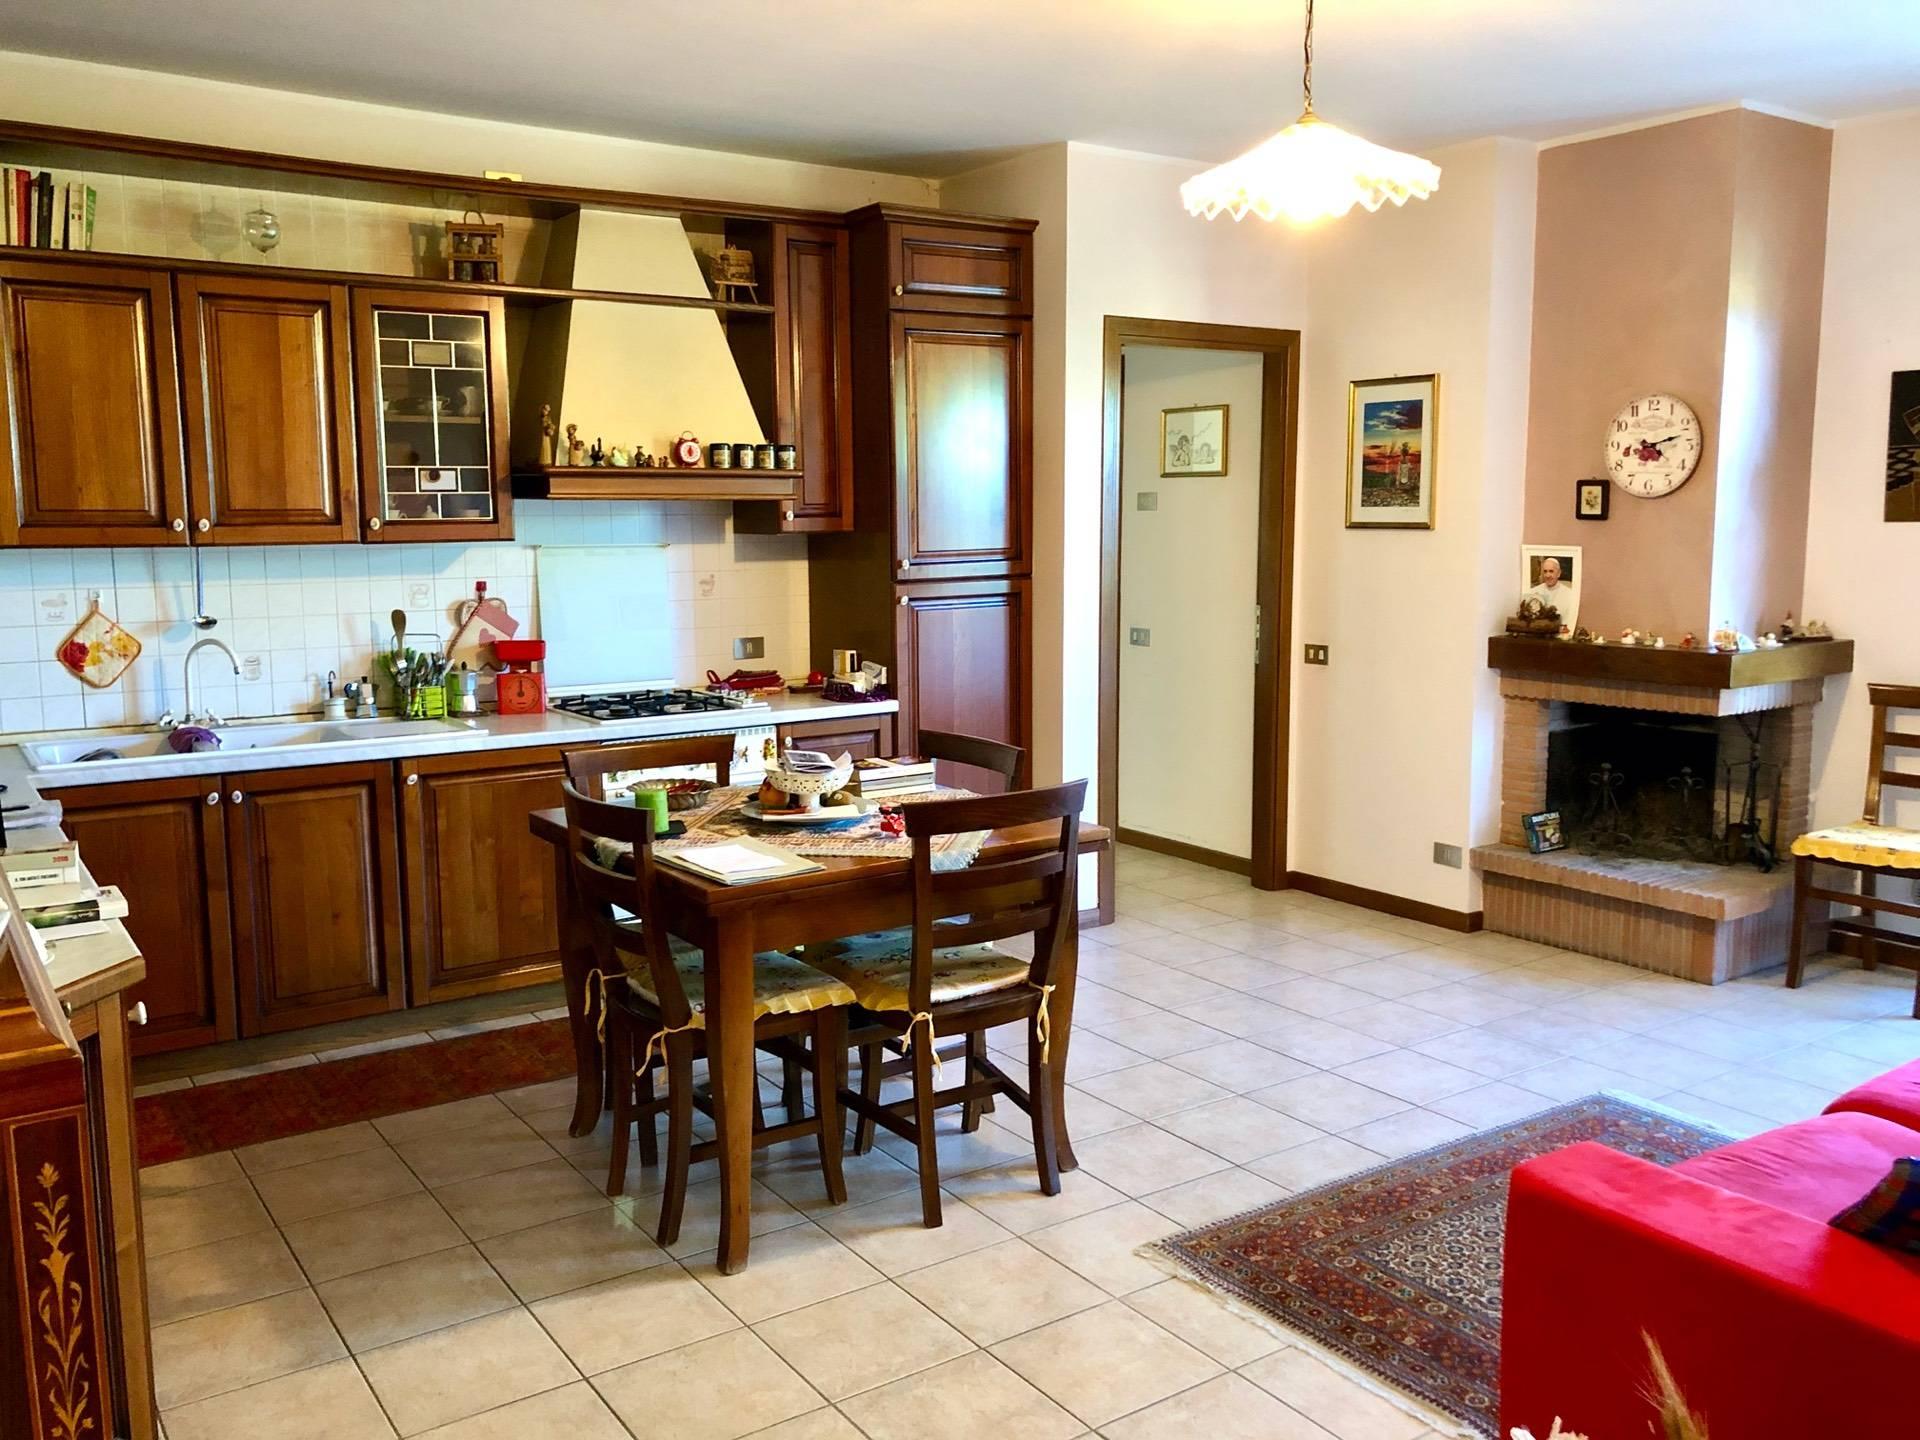 Appartamento in vendita a Acquaviva Picena, 3 locali, zona Zona: Abbadetta, prezzo € 95.000 | CambioCasa.it